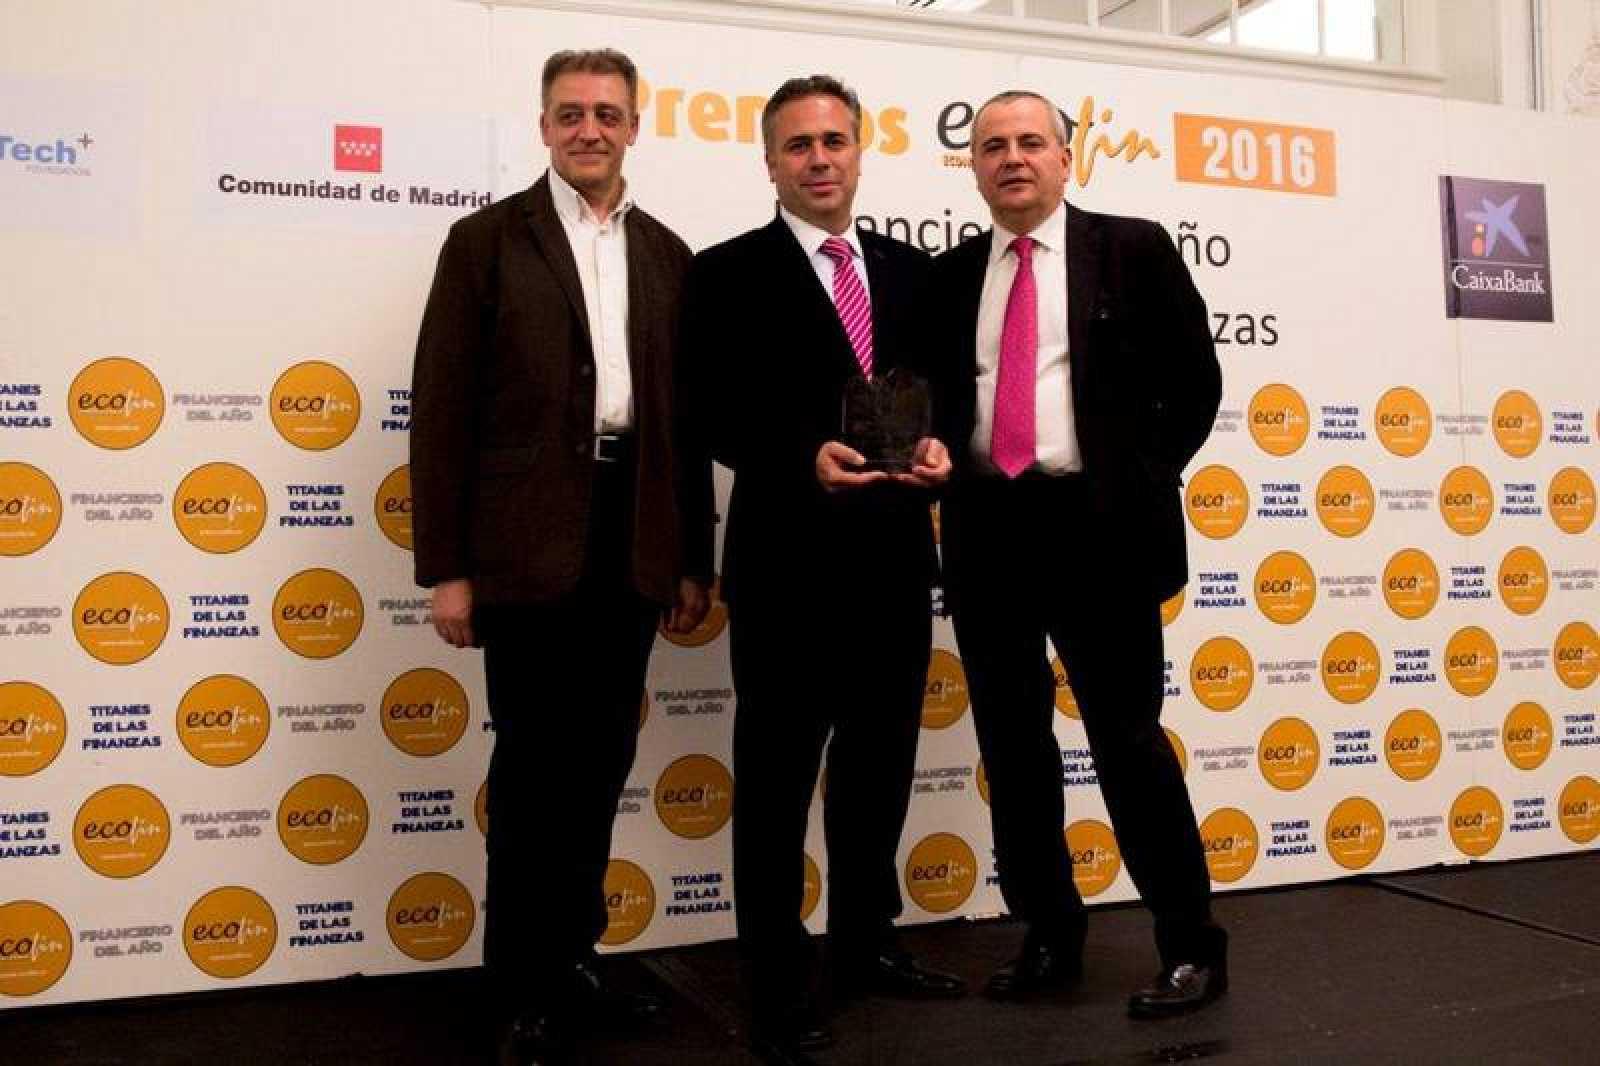 Premio 'Titanes de las Finanzas' 2016